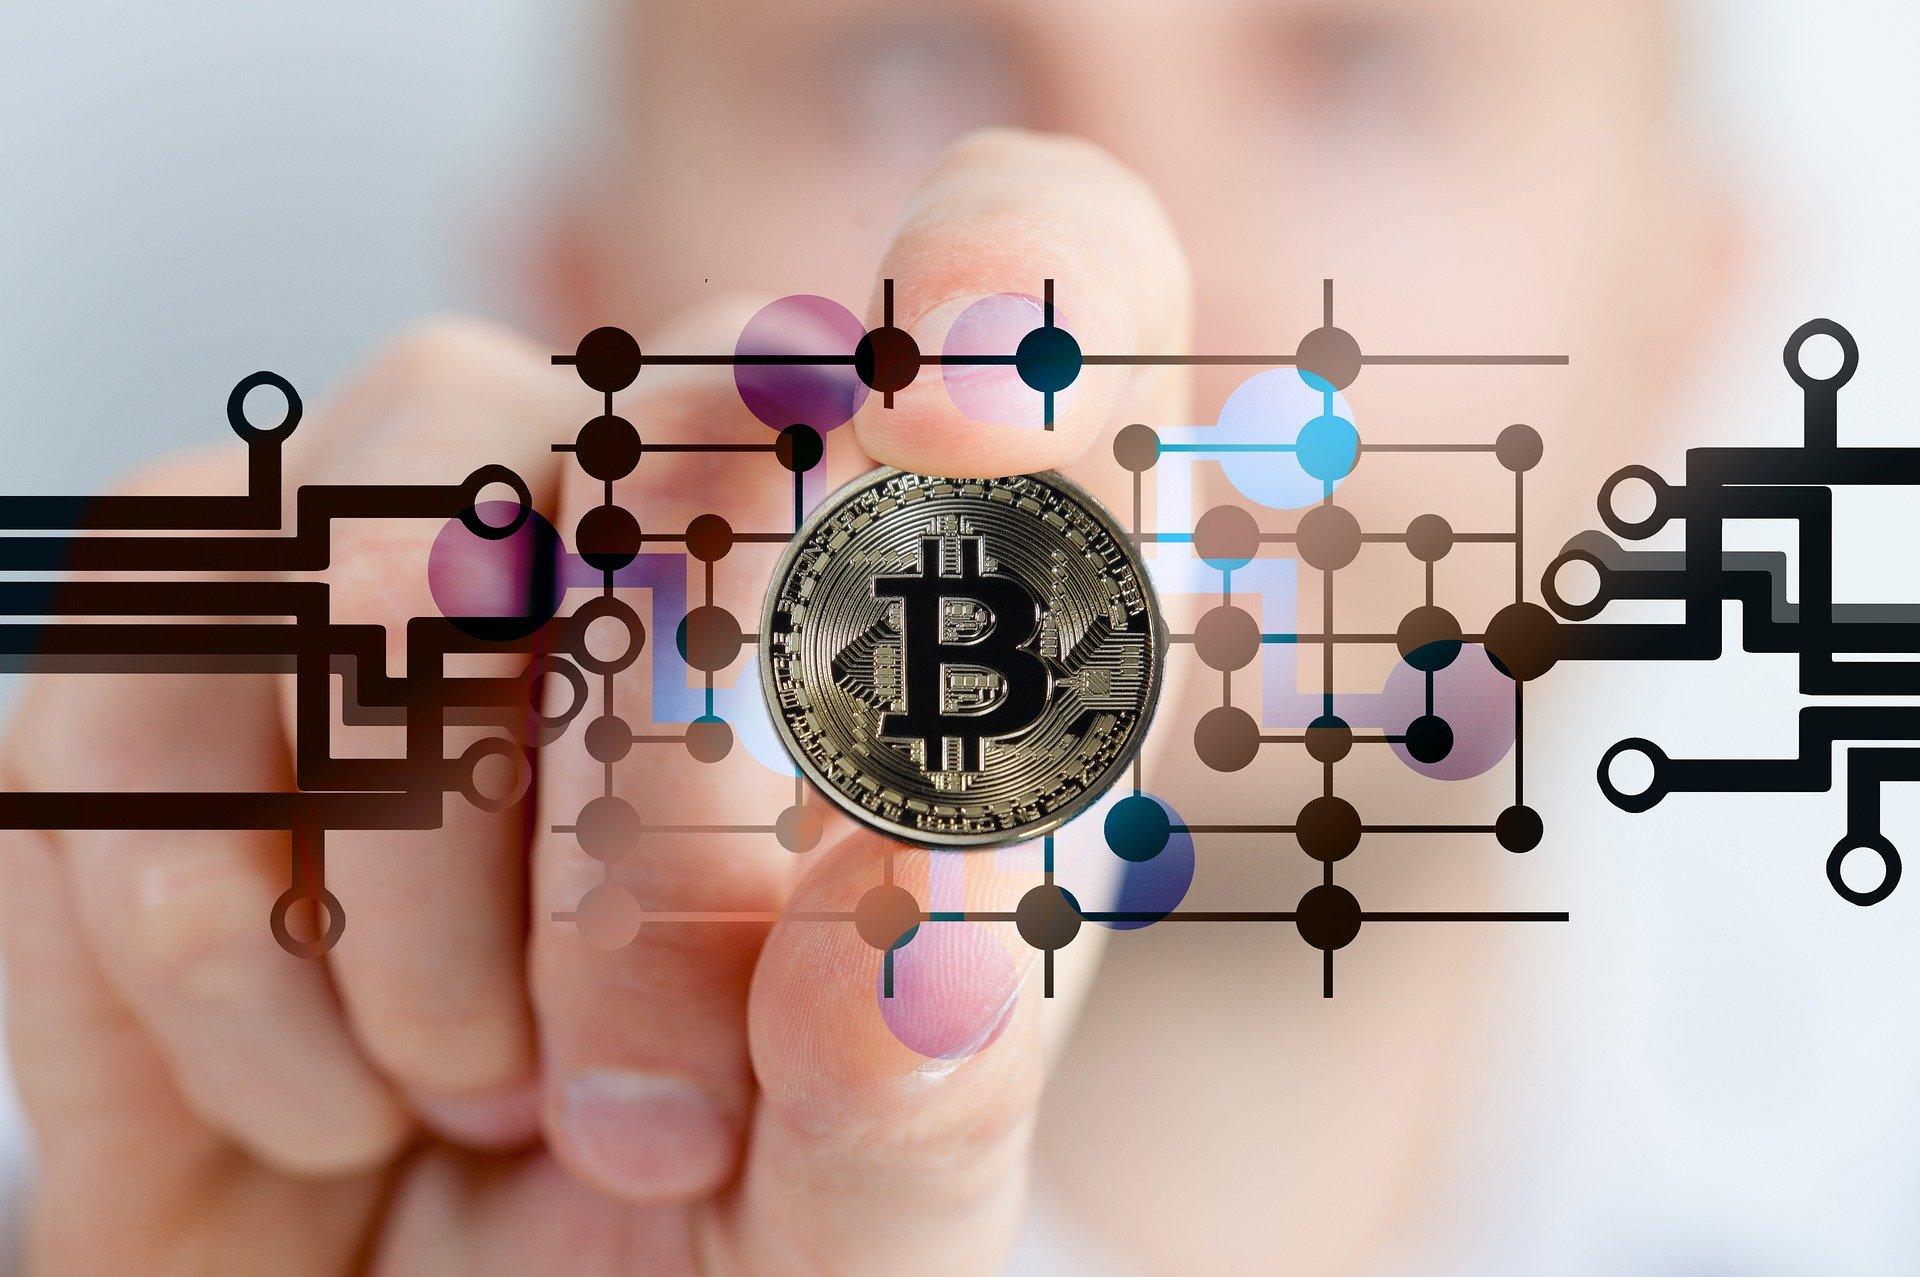 暗号資産におけるアービトラージ(アビトラ)の始め方と儲けるコツを徹底解説